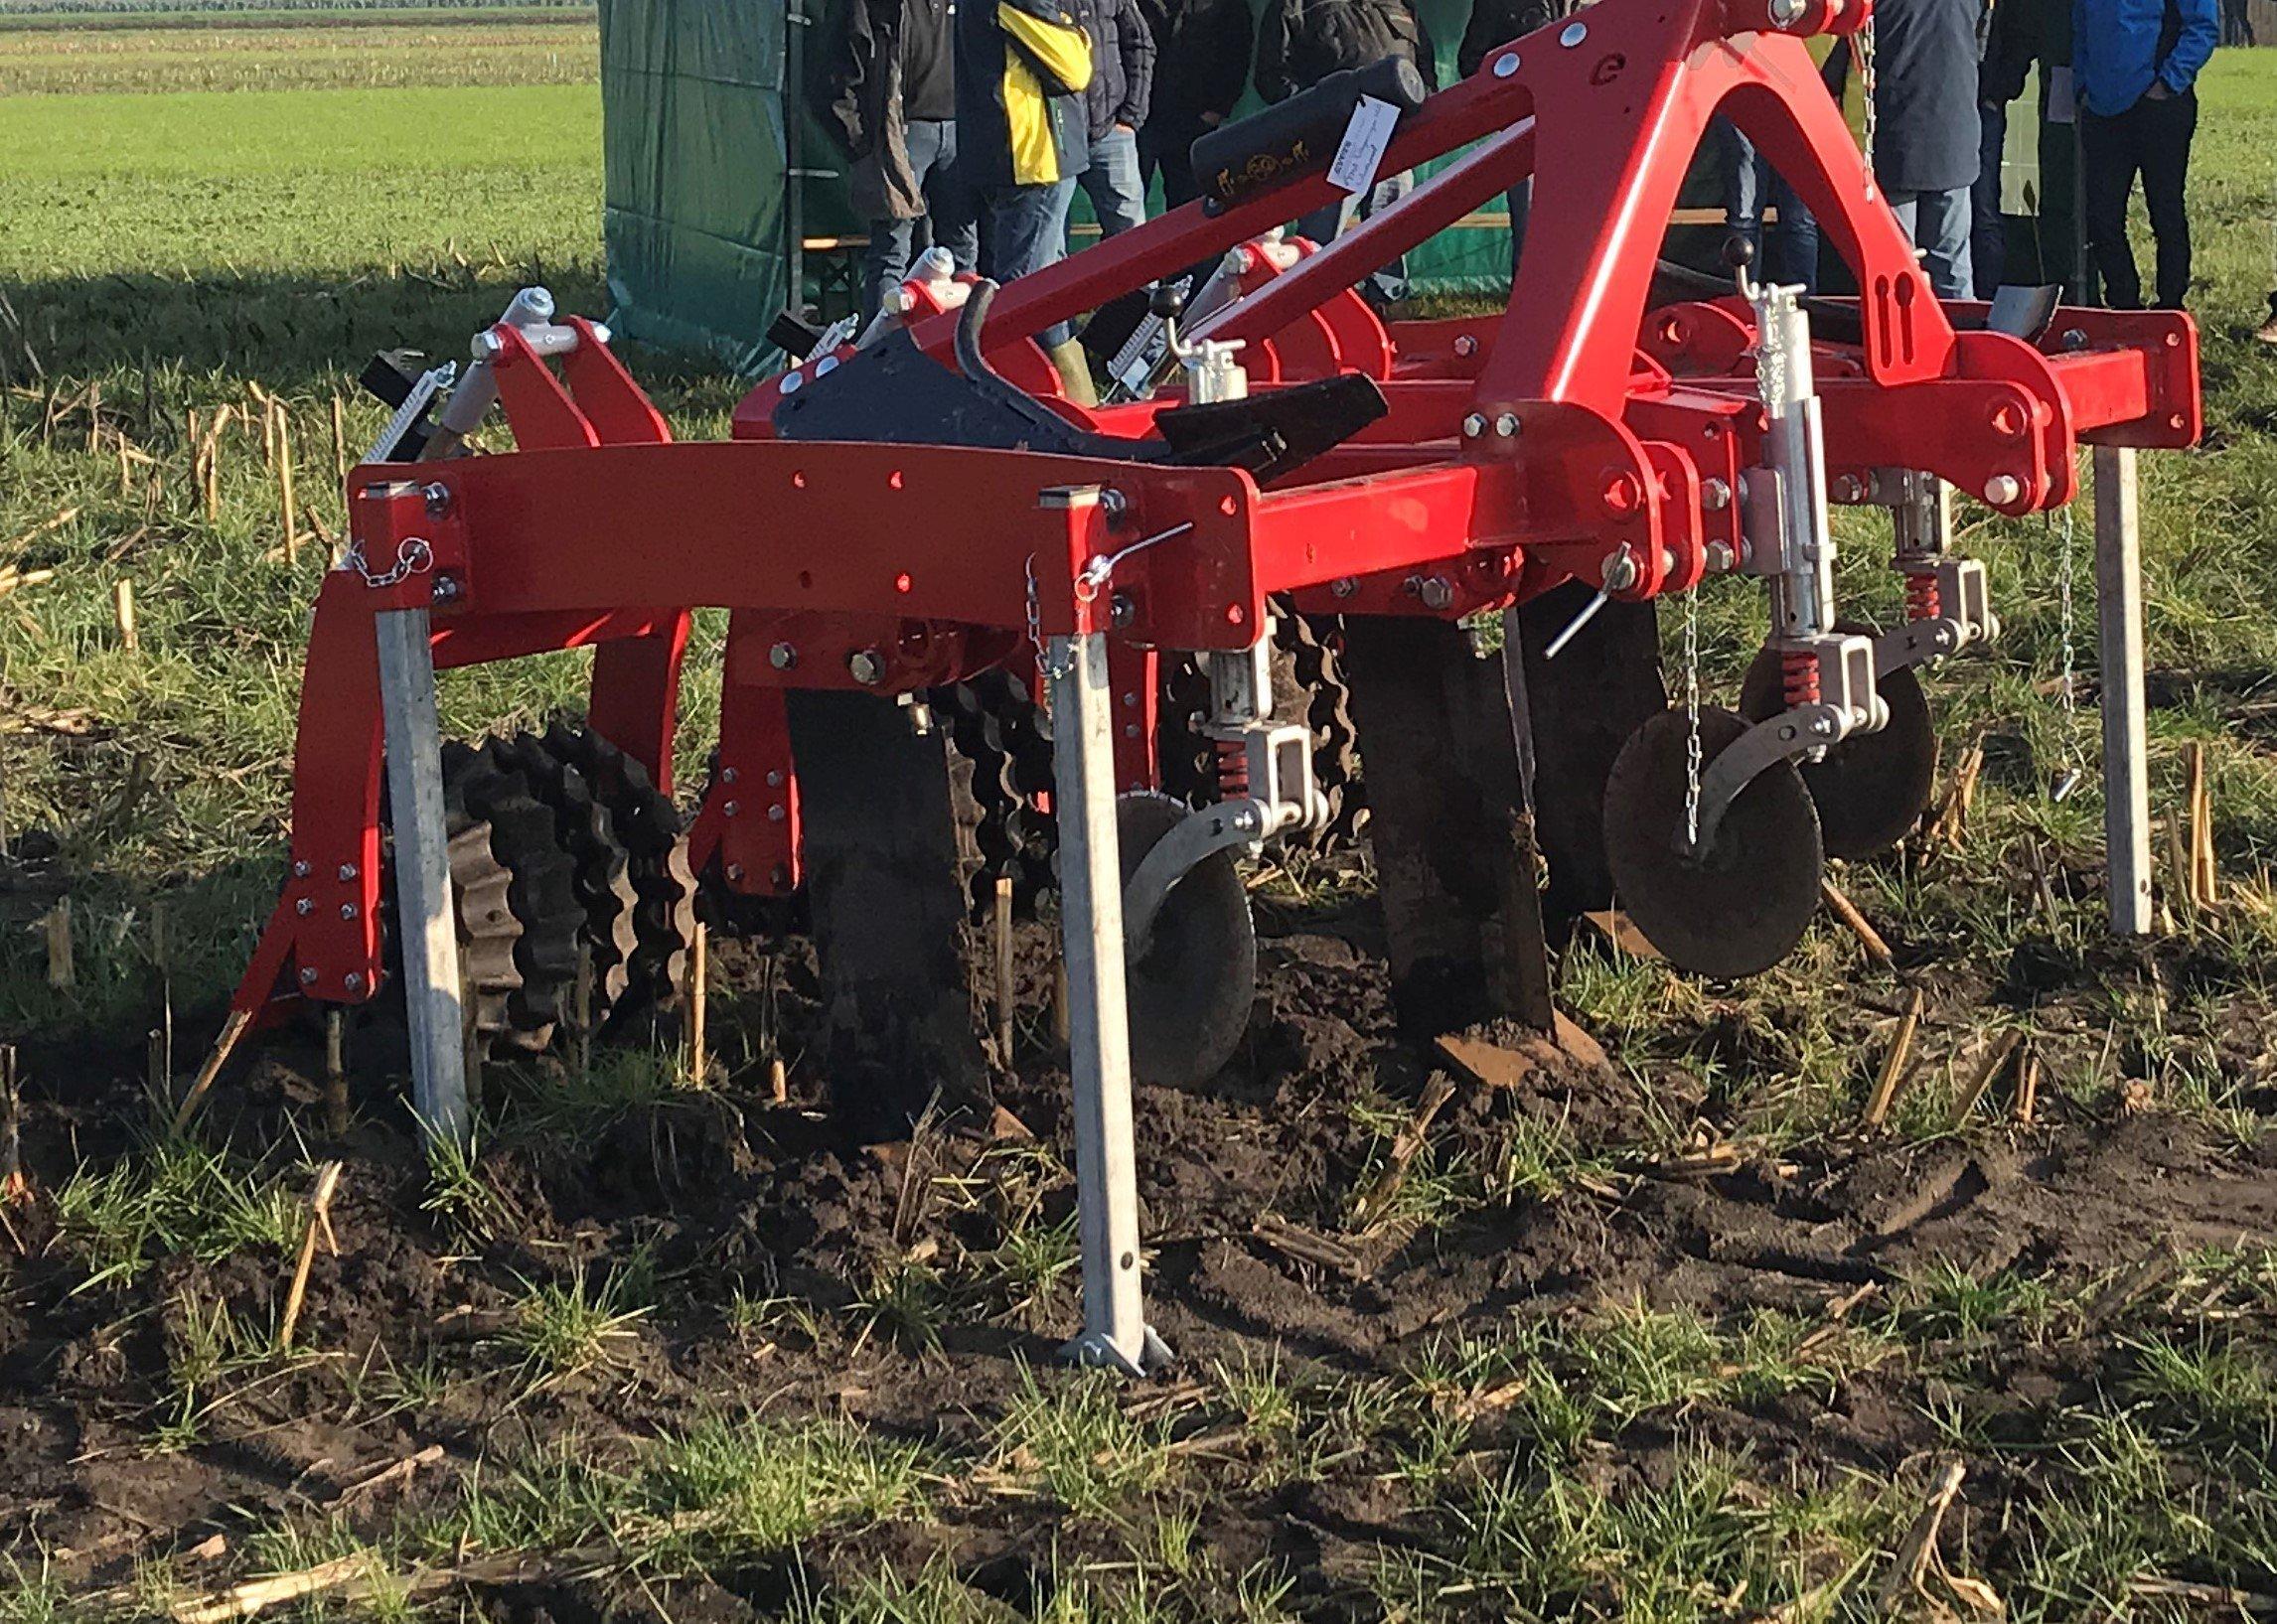 Grasnarbenlockerer mit variablem  Strichabstand von 75 bis 90 cm. Besonders geeignet zur Tiefenlockerung der Boden zwischen die Maisstoppelreihen